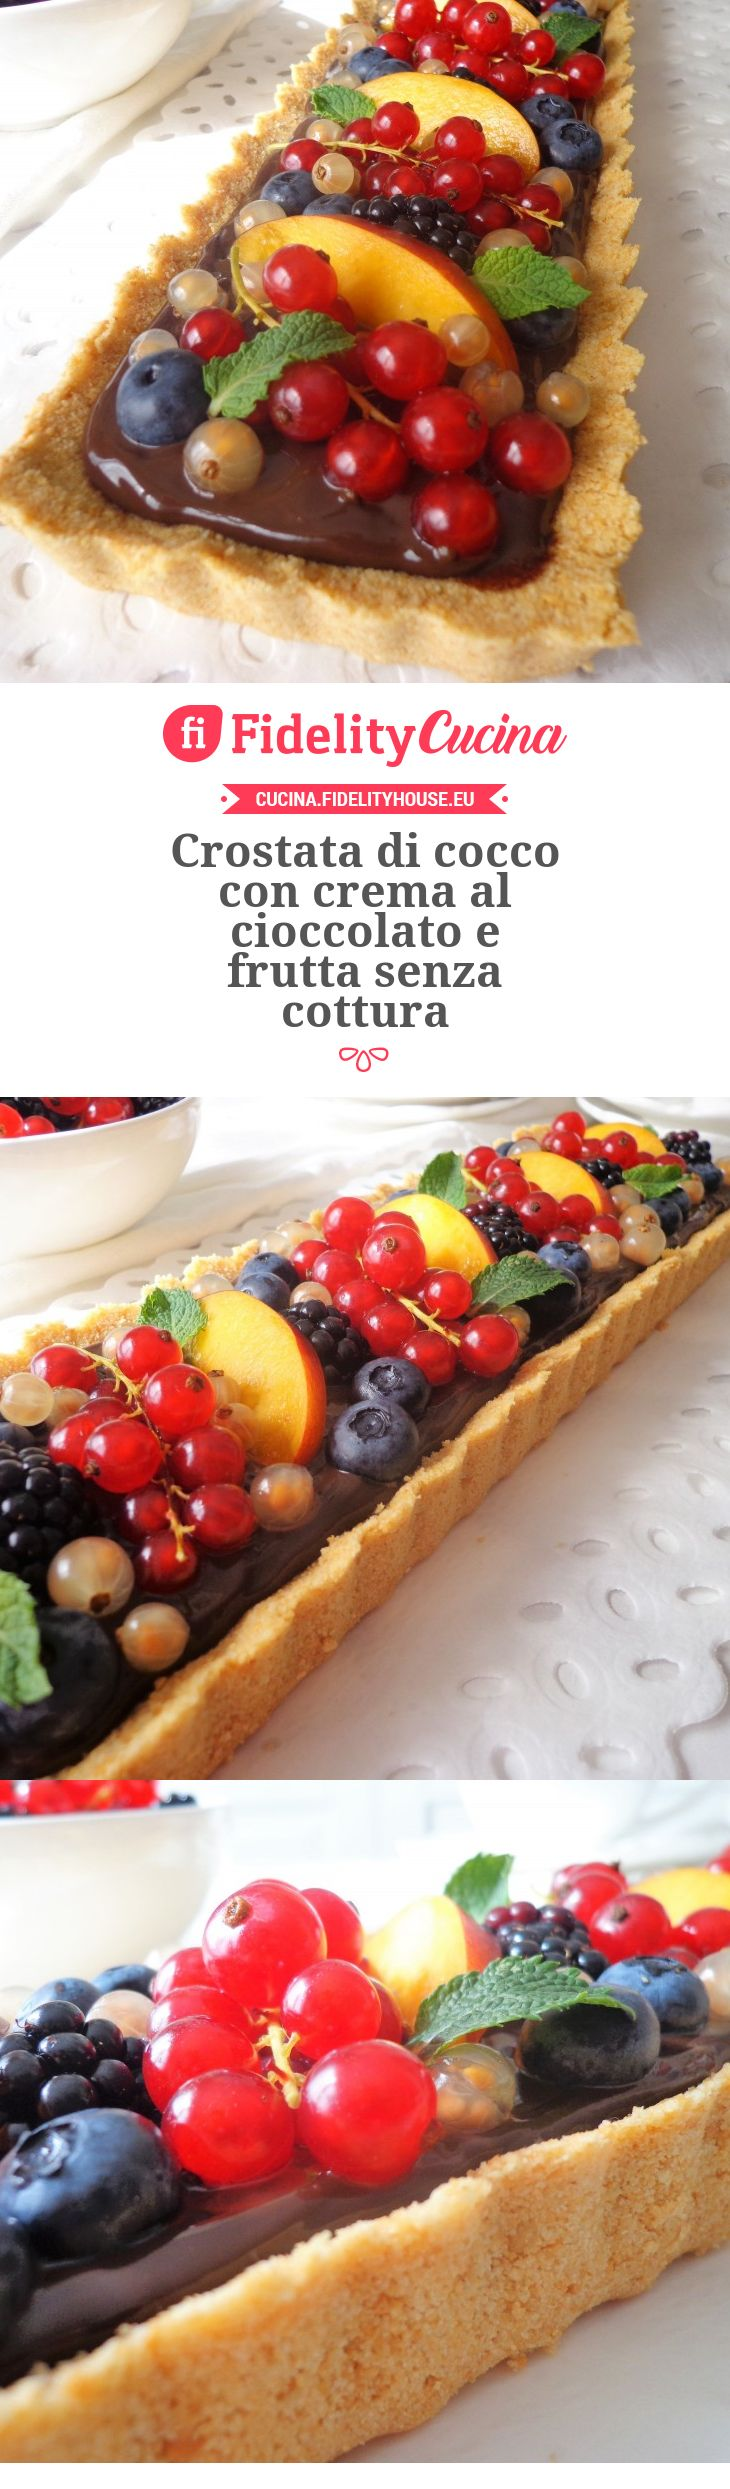 Crostata di cocco con crema al cioccolato e frutta senza cottura